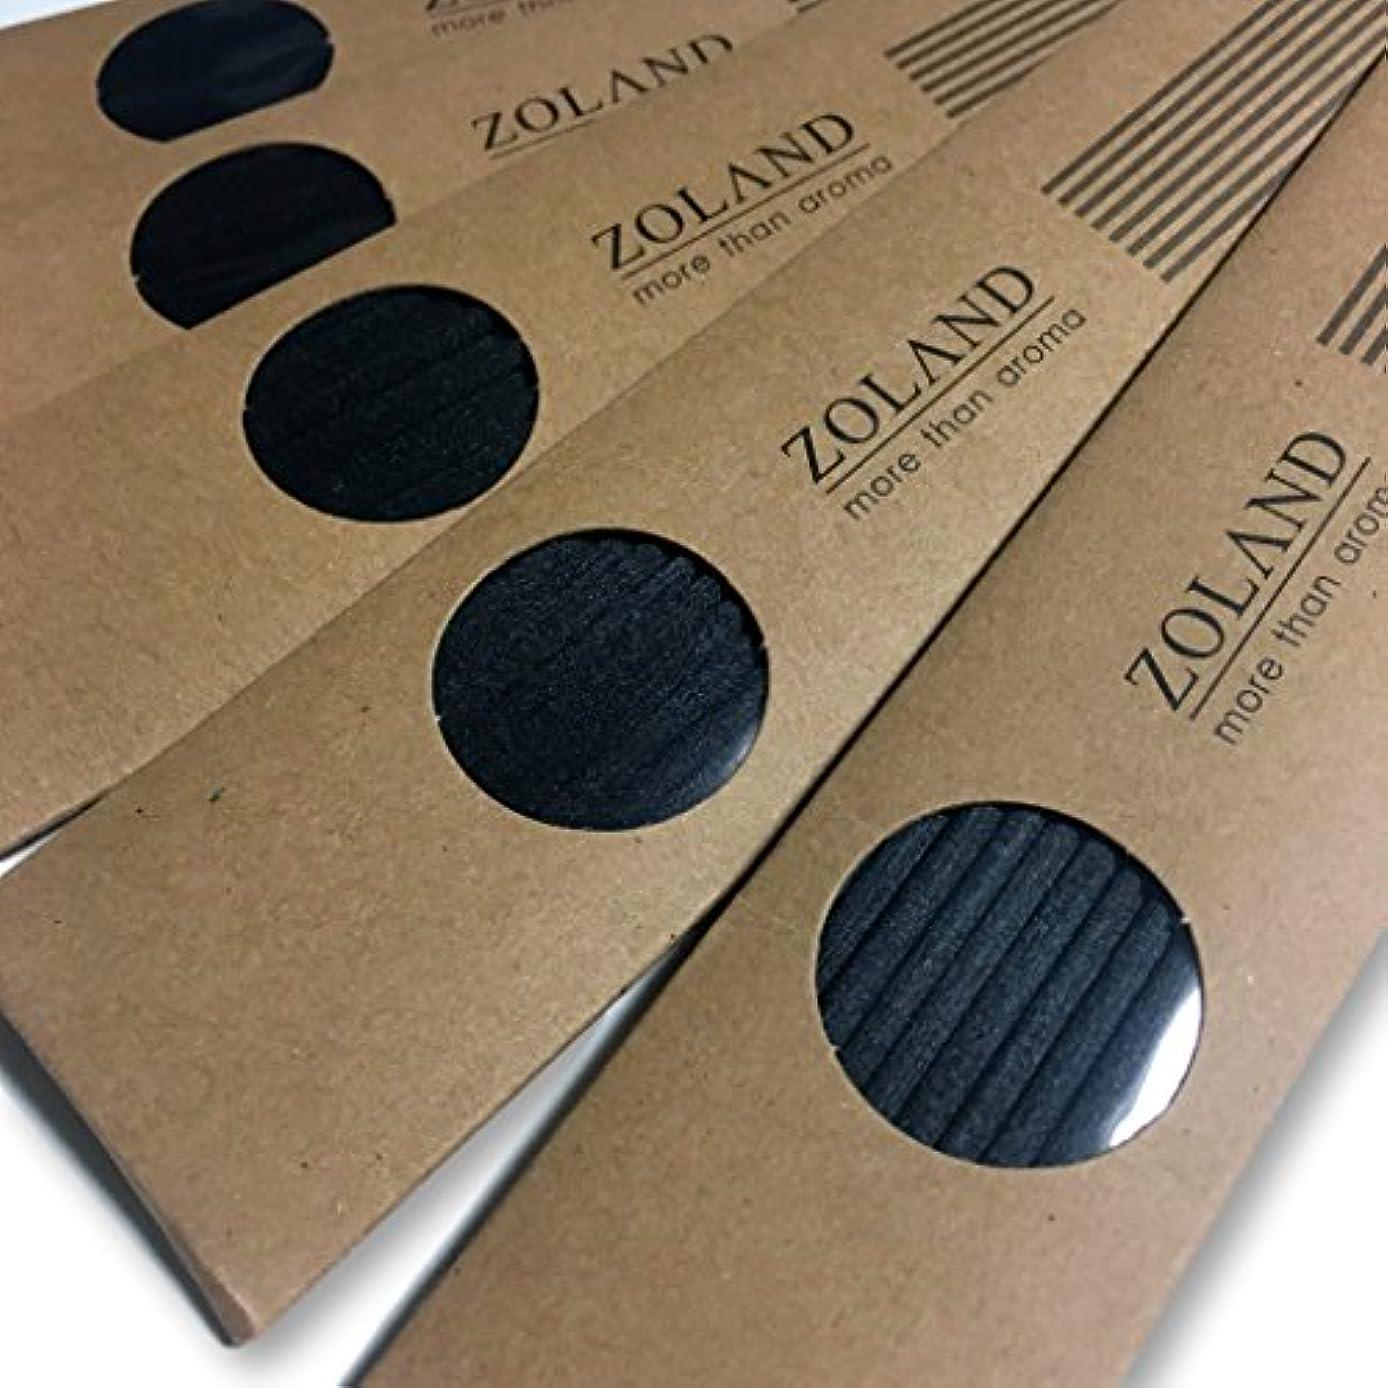 早くいいね満足させる【YOLO】リードディフューザー 用 リフィル スティック/ブラック 24cm×3mm 10本入×5セット (ブラック)